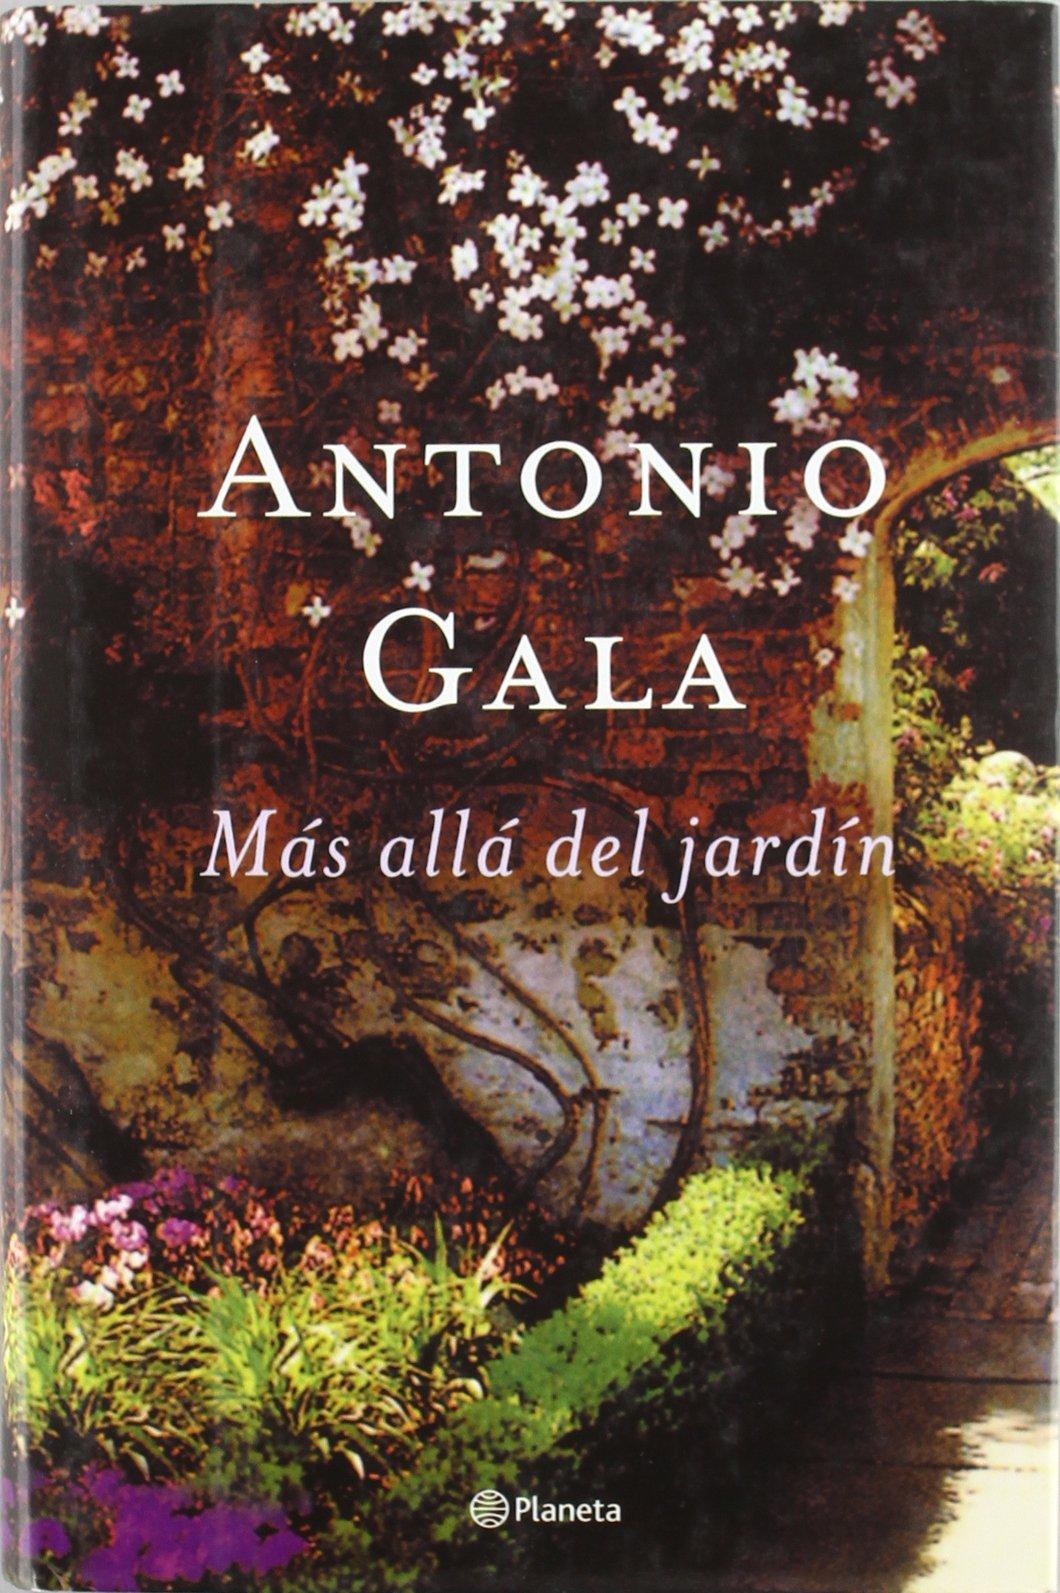 Más allá del jardín (Autores Españoles E Iberoamer.): Amazon.es: Gala, Antonio: Libros